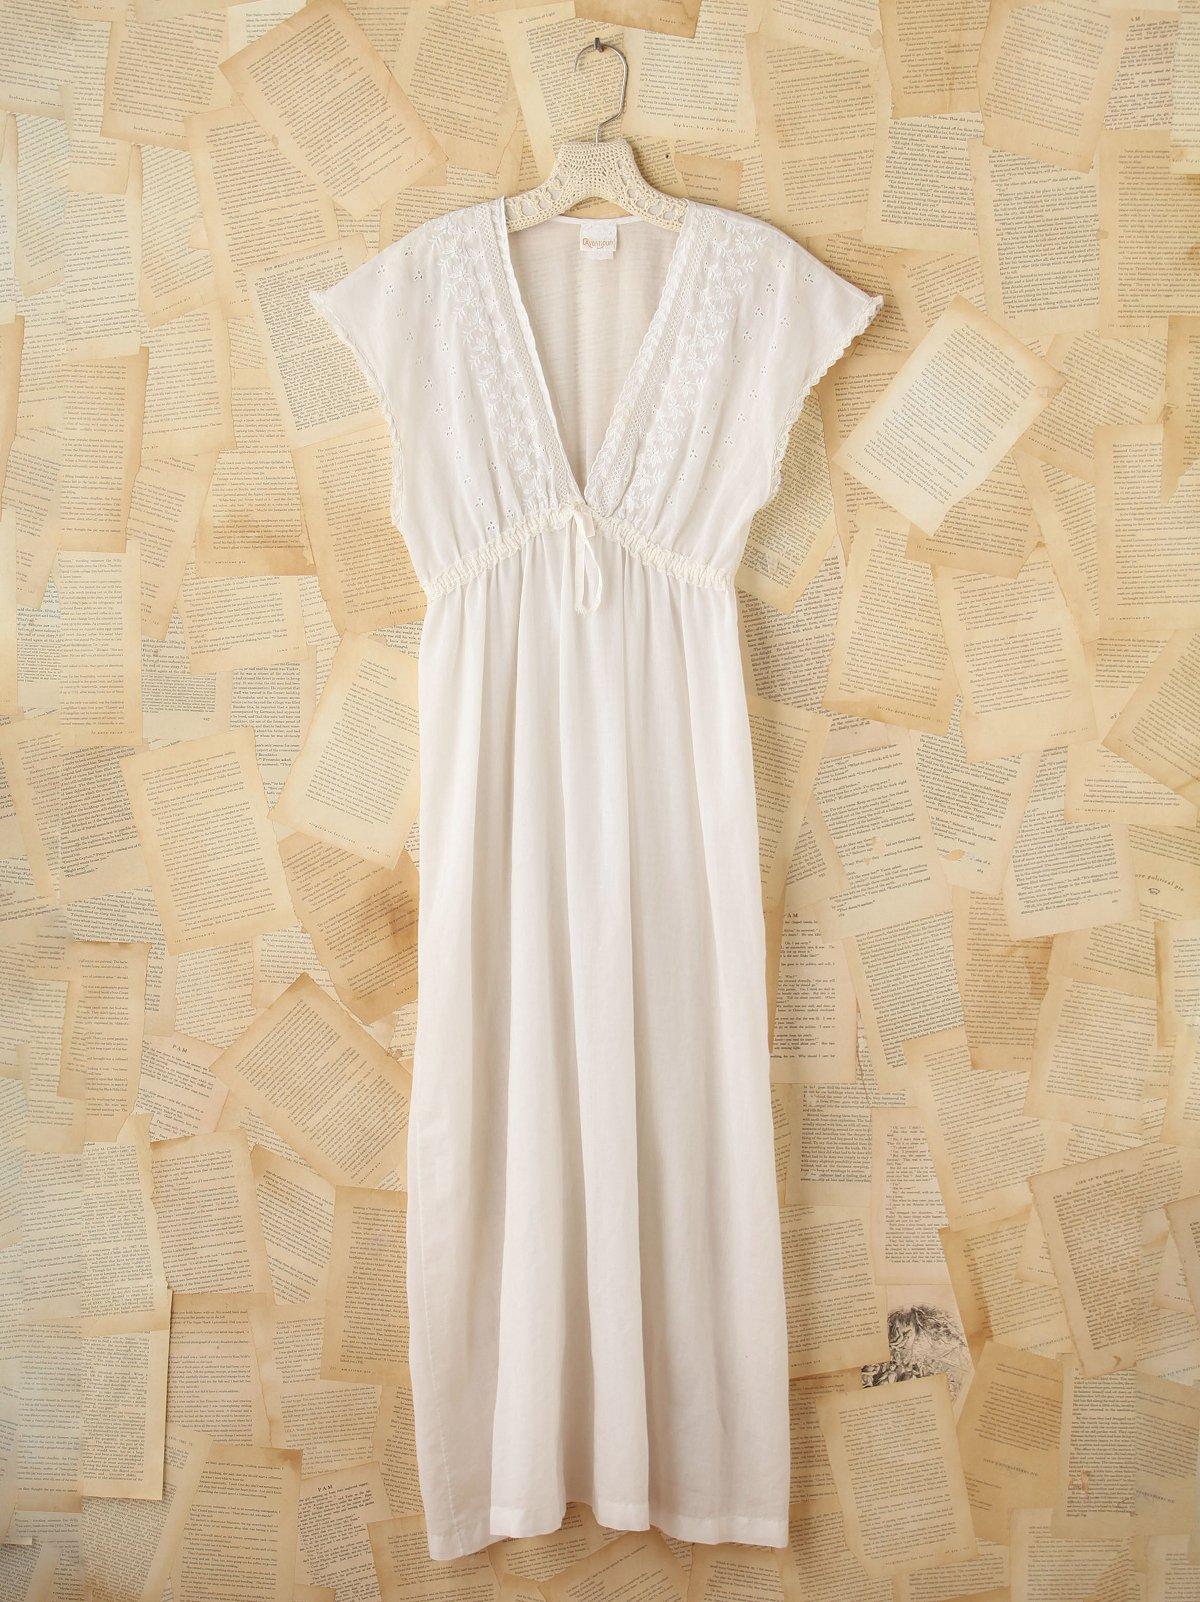 Vintage Cotton Eyelet Maxi Dress